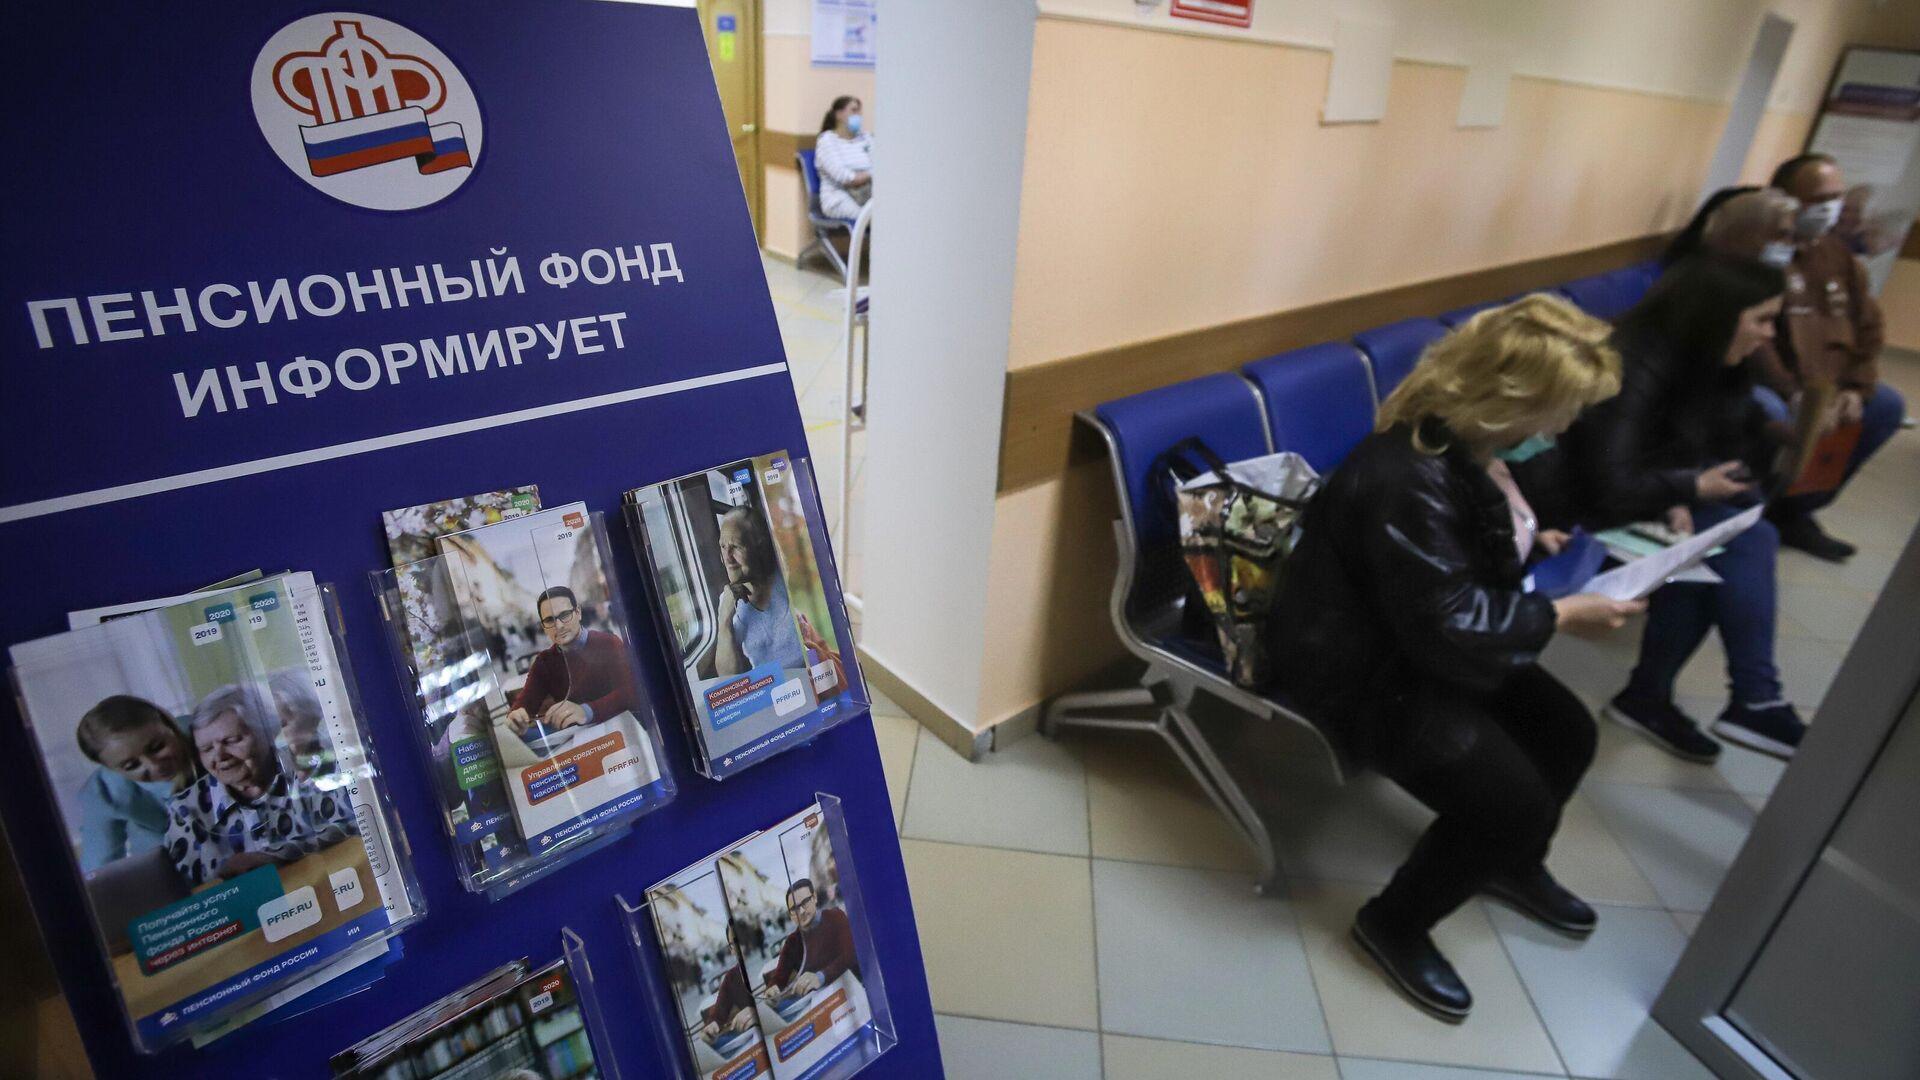 Посетители в отделении пенсионного фонда - РИА Новости, 1920, 30.09.2020